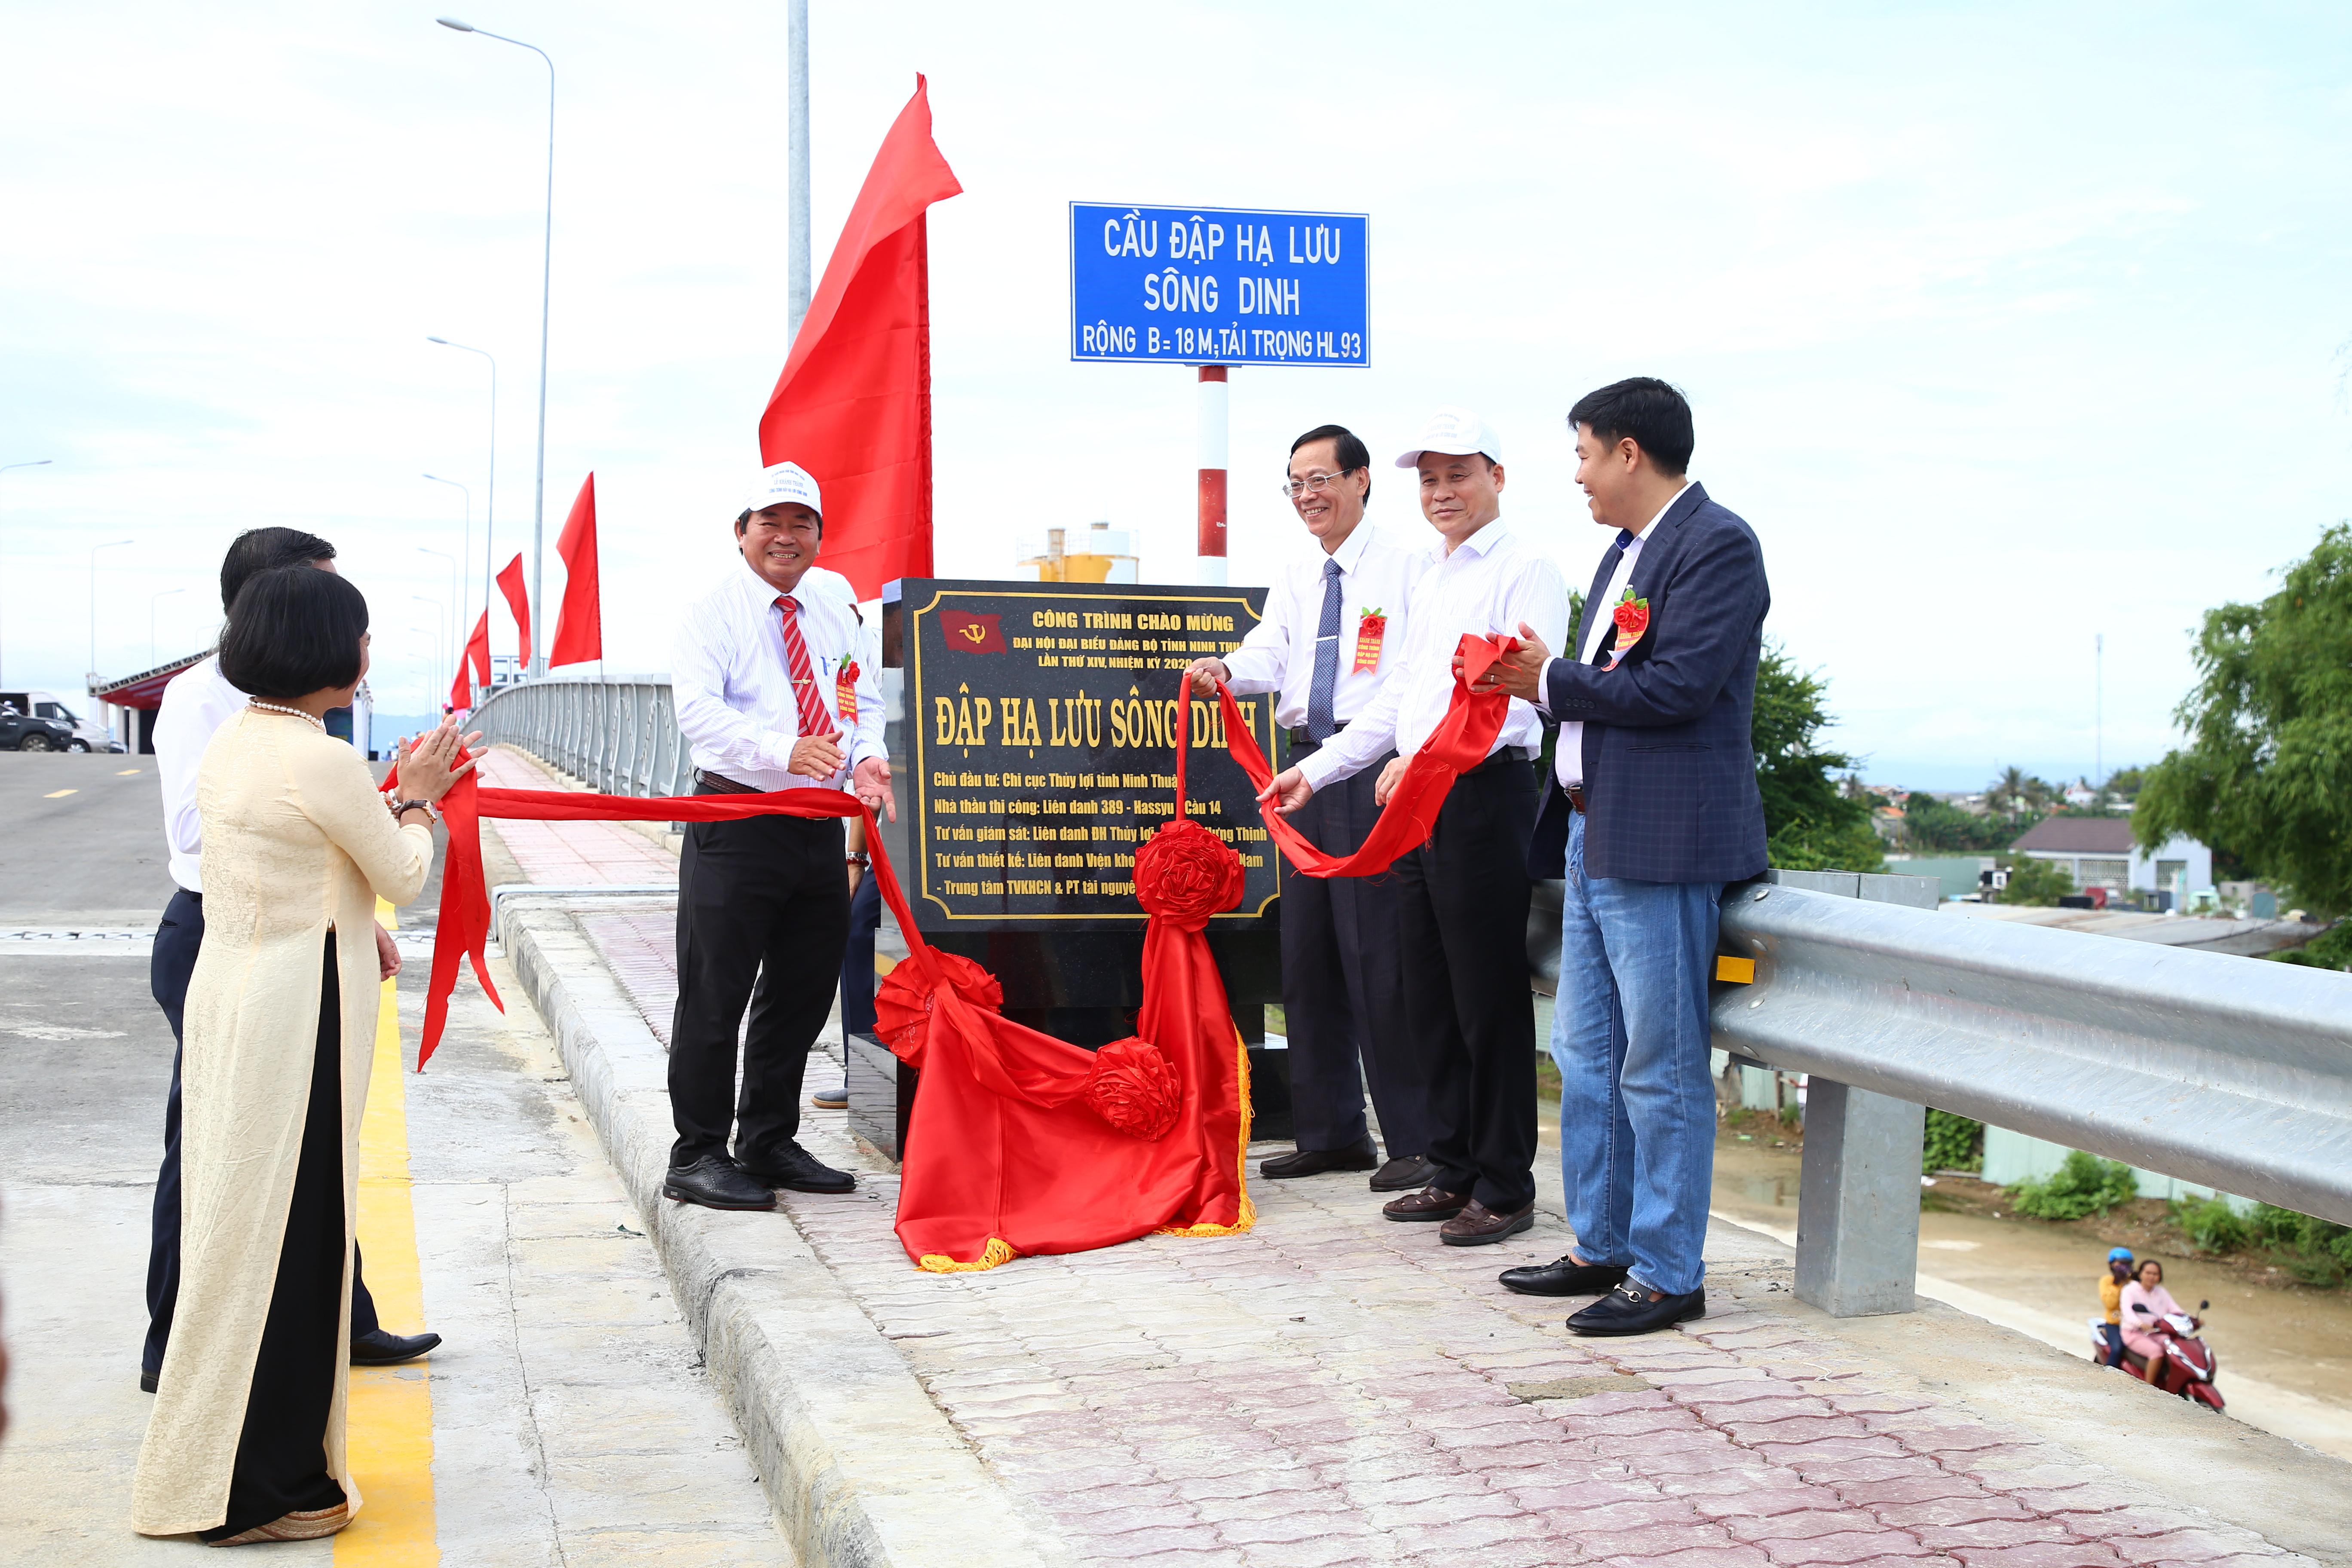 Các đồng chí lãnh đạo tỉnh Ninh Thuận gắn biển công trình chào mừng Đại hội Đảng bộ tỉnh lần thứ XIV, nhiệm kỳ 2020-2025